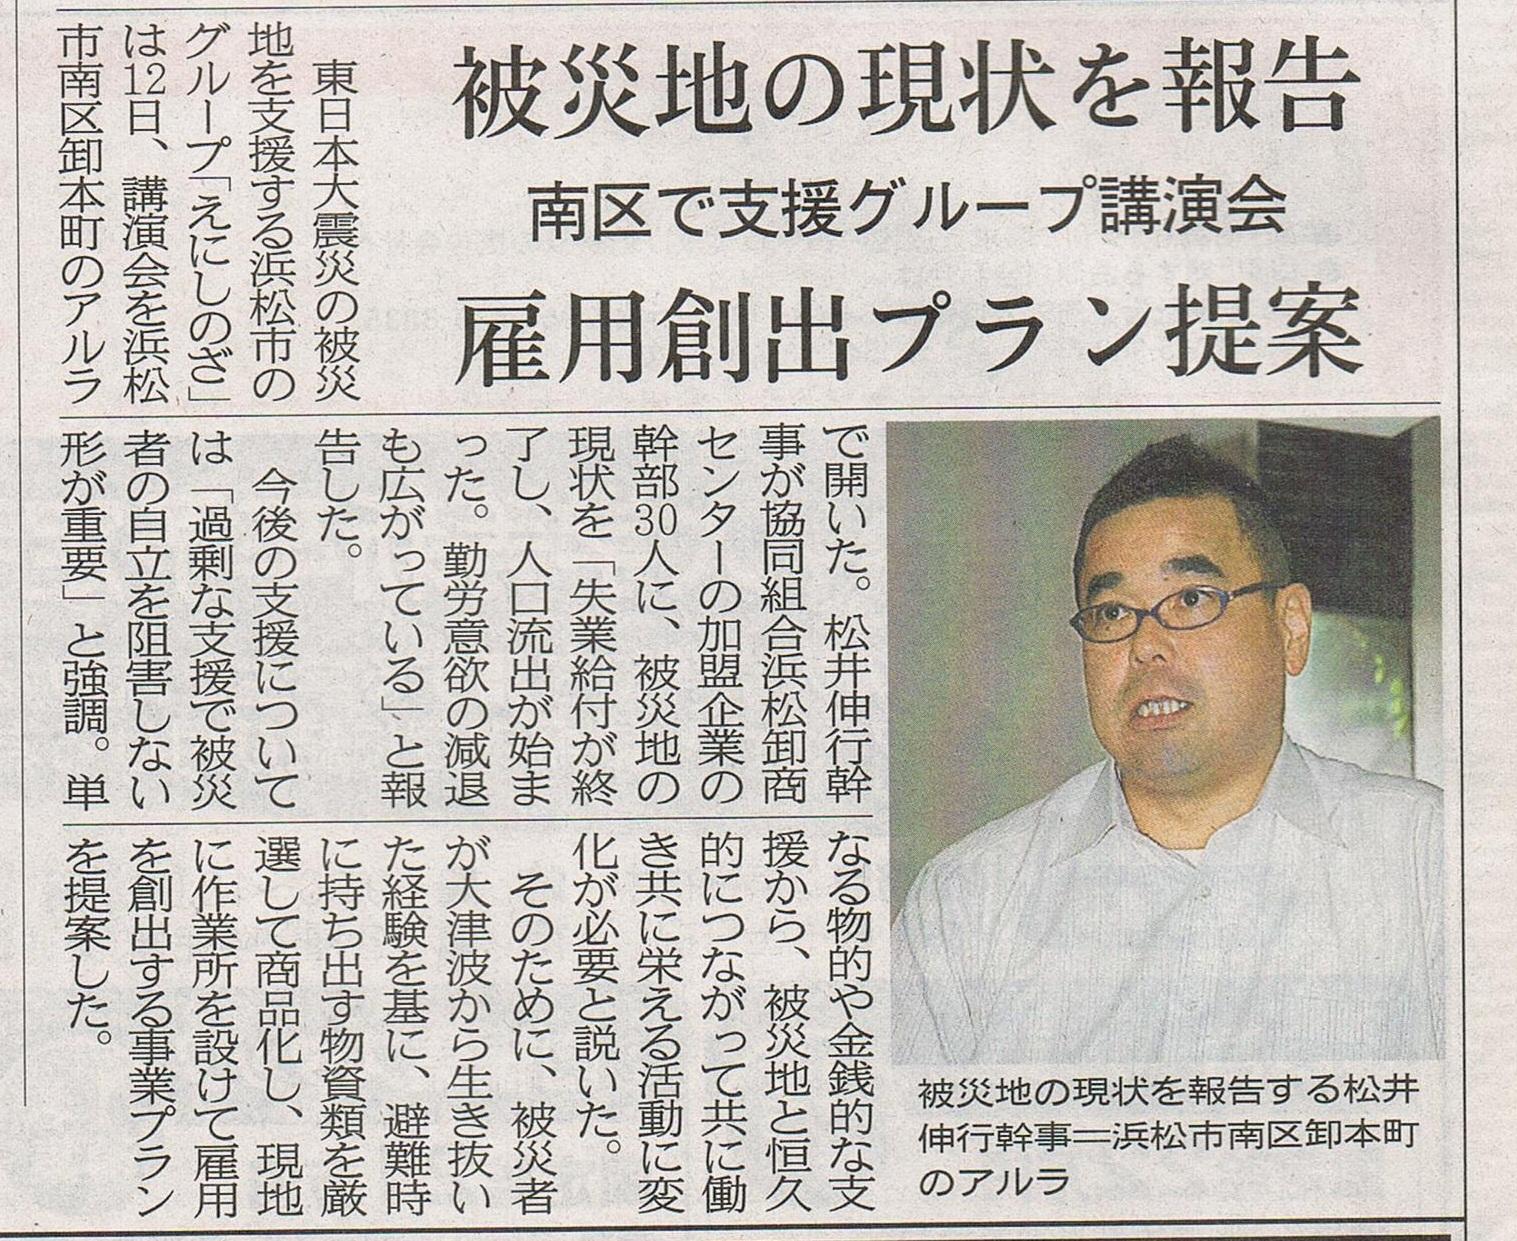 卸商団地講演 記事.jpg